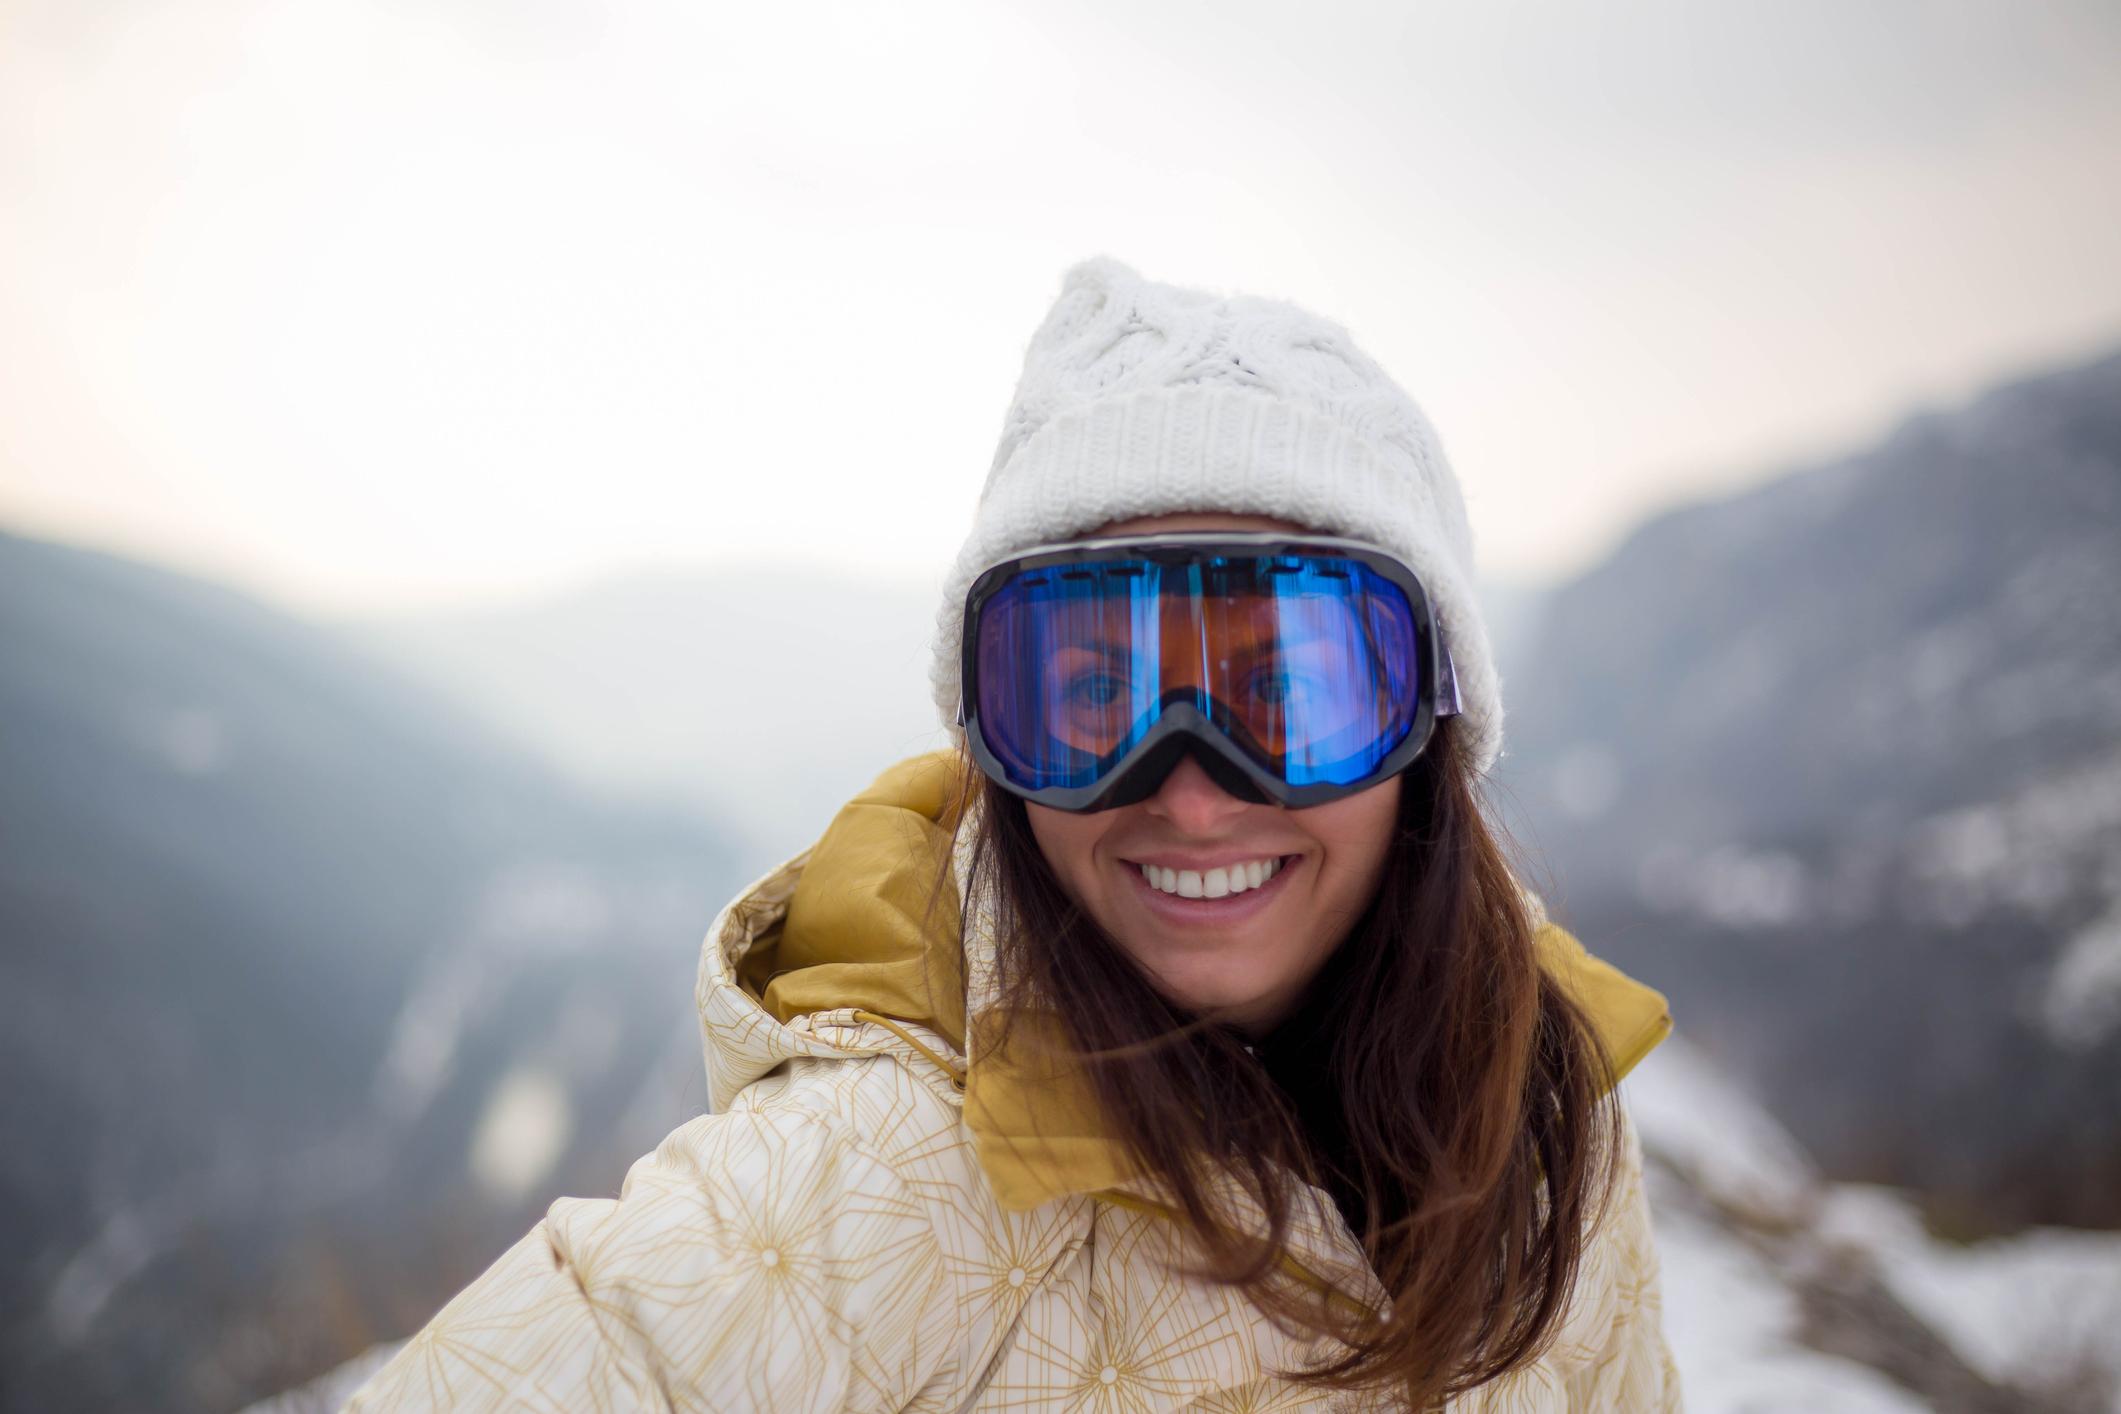 Skibriller Image